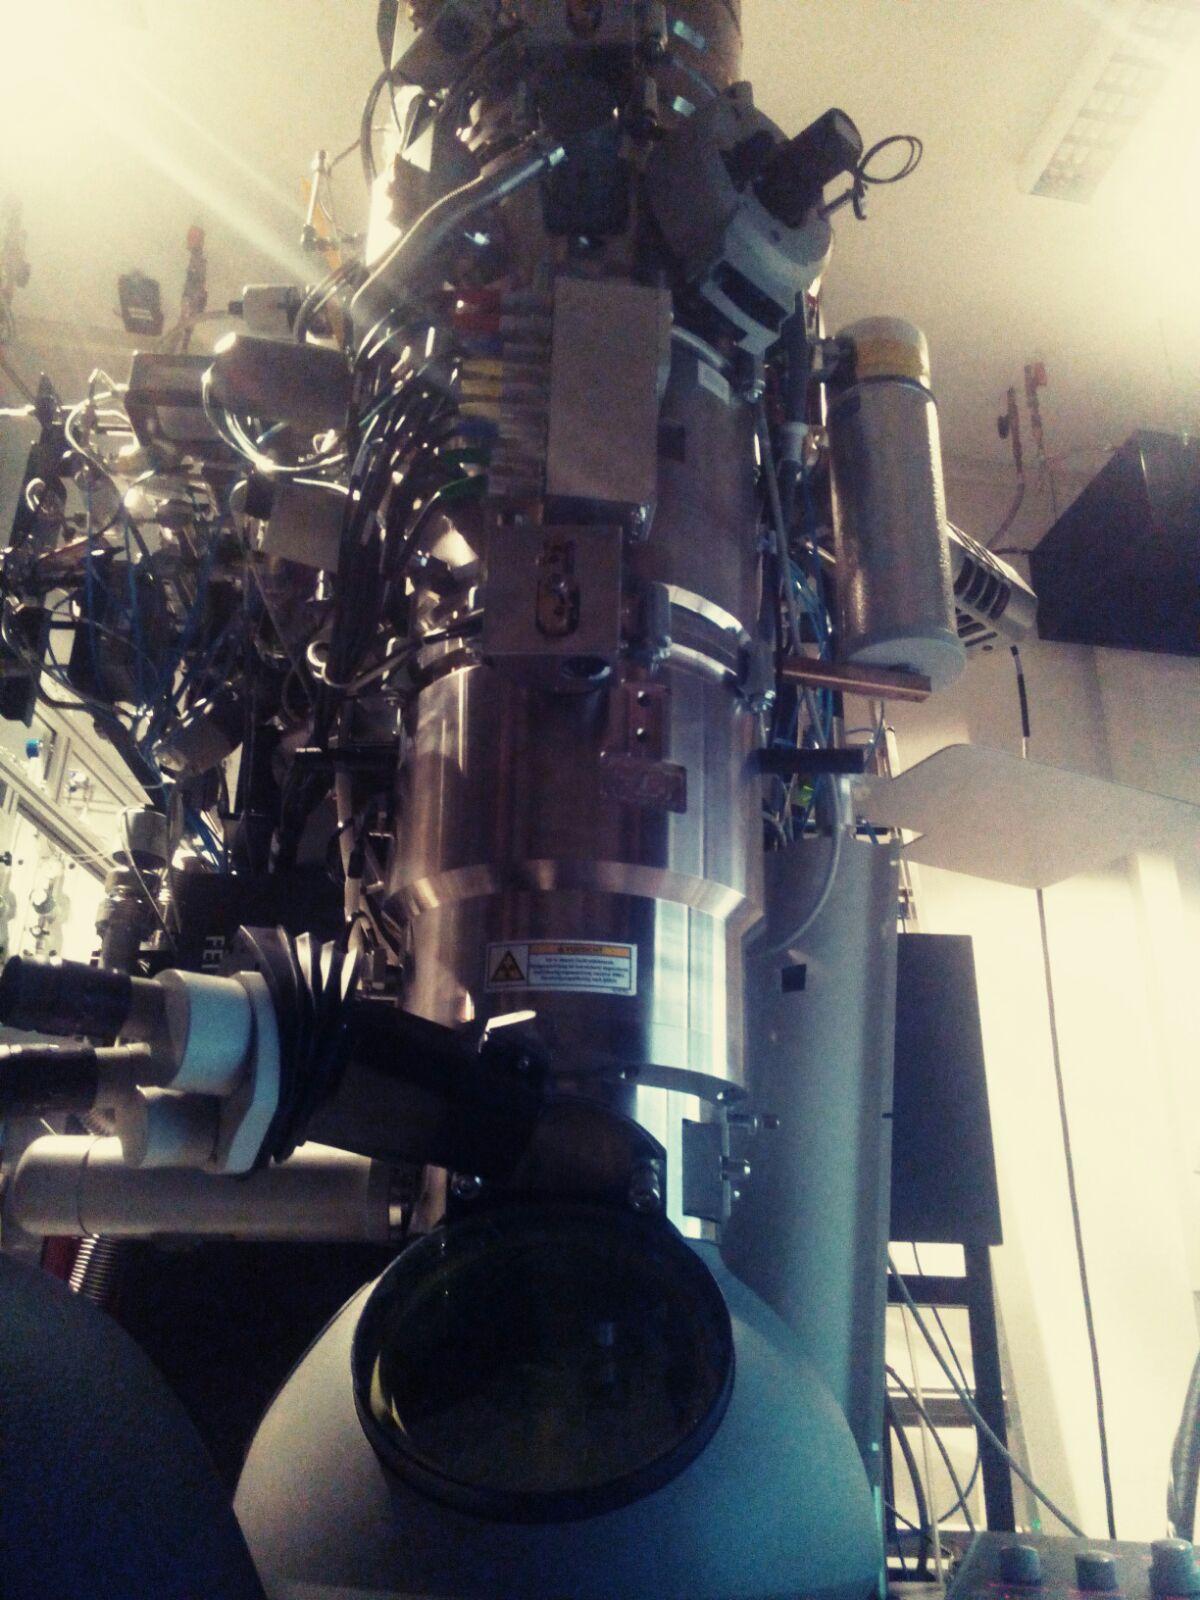 #ndwgoe Erstaunt vom einzigen Environmental Transmissions-Elektronenmikroskop in Deutschland. #millionenfachevergrößerung #göttingen #physik https://t.co/3NAY4GuWeb